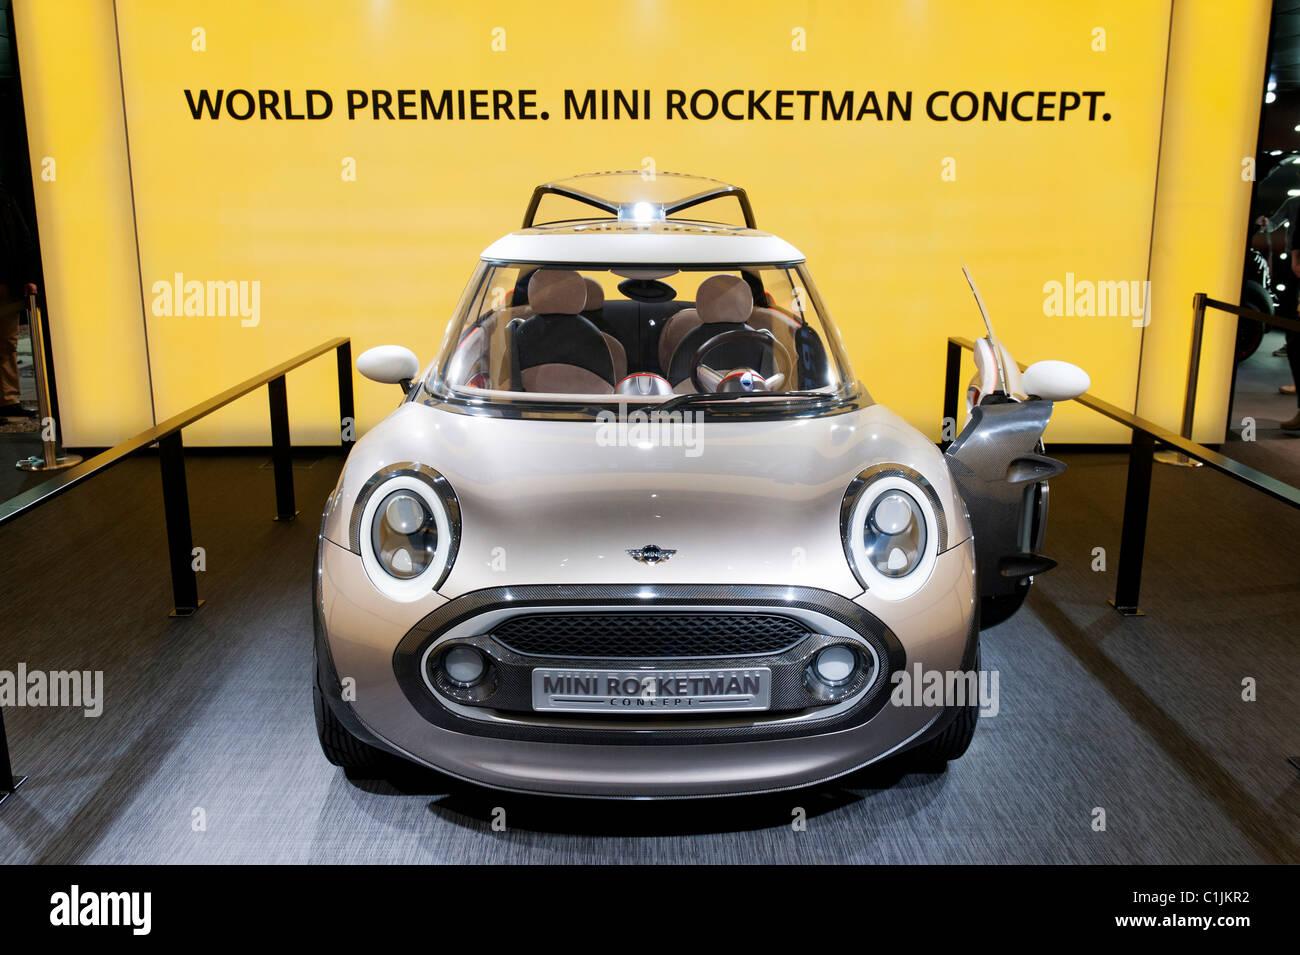 Nouvelle Mini Rocketman concept car au Salon de Genève 2011 Suisse Photo Stock